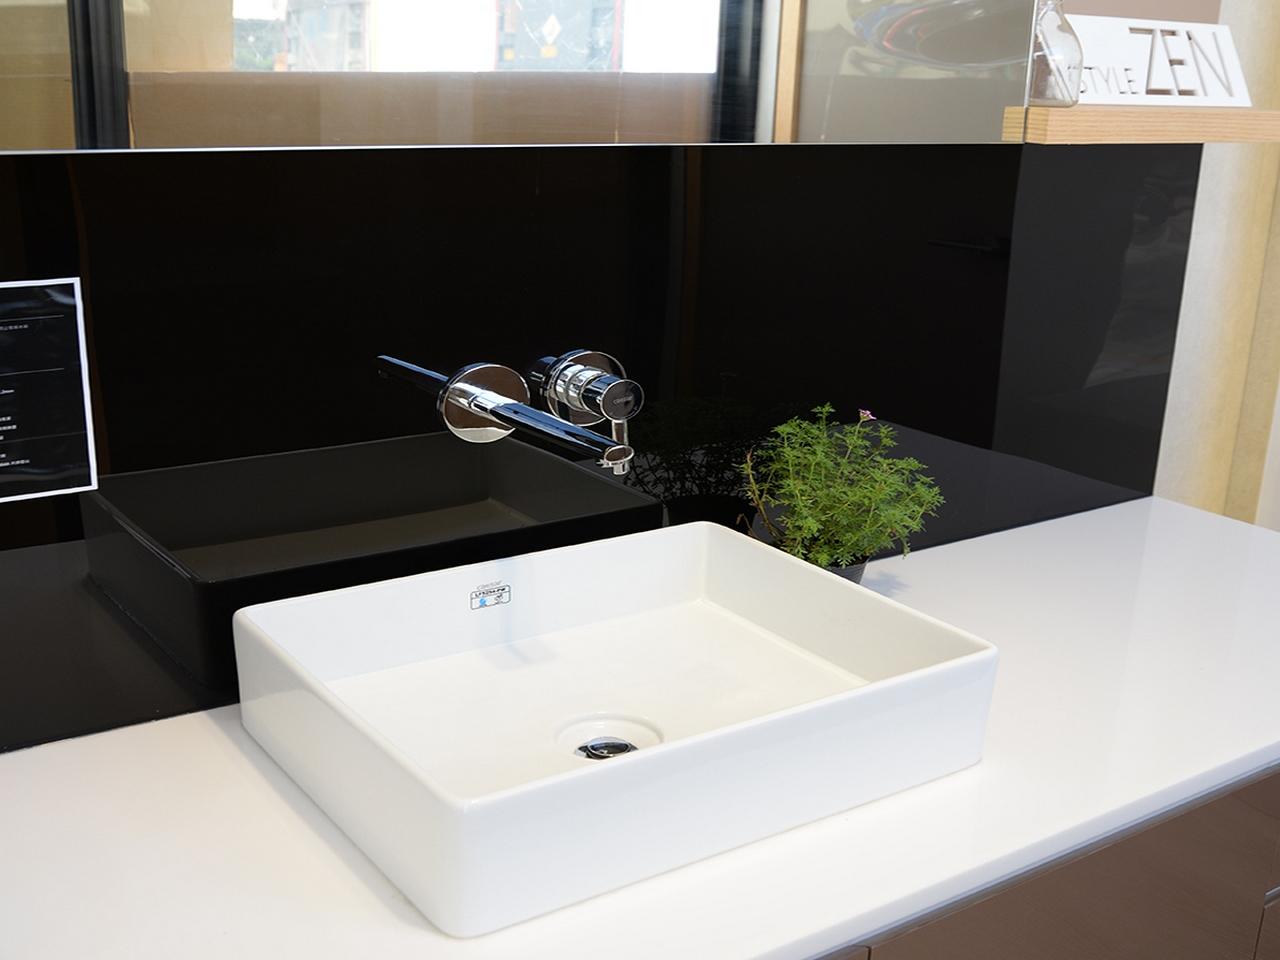 浴室キャビネット撥ね防止壁板